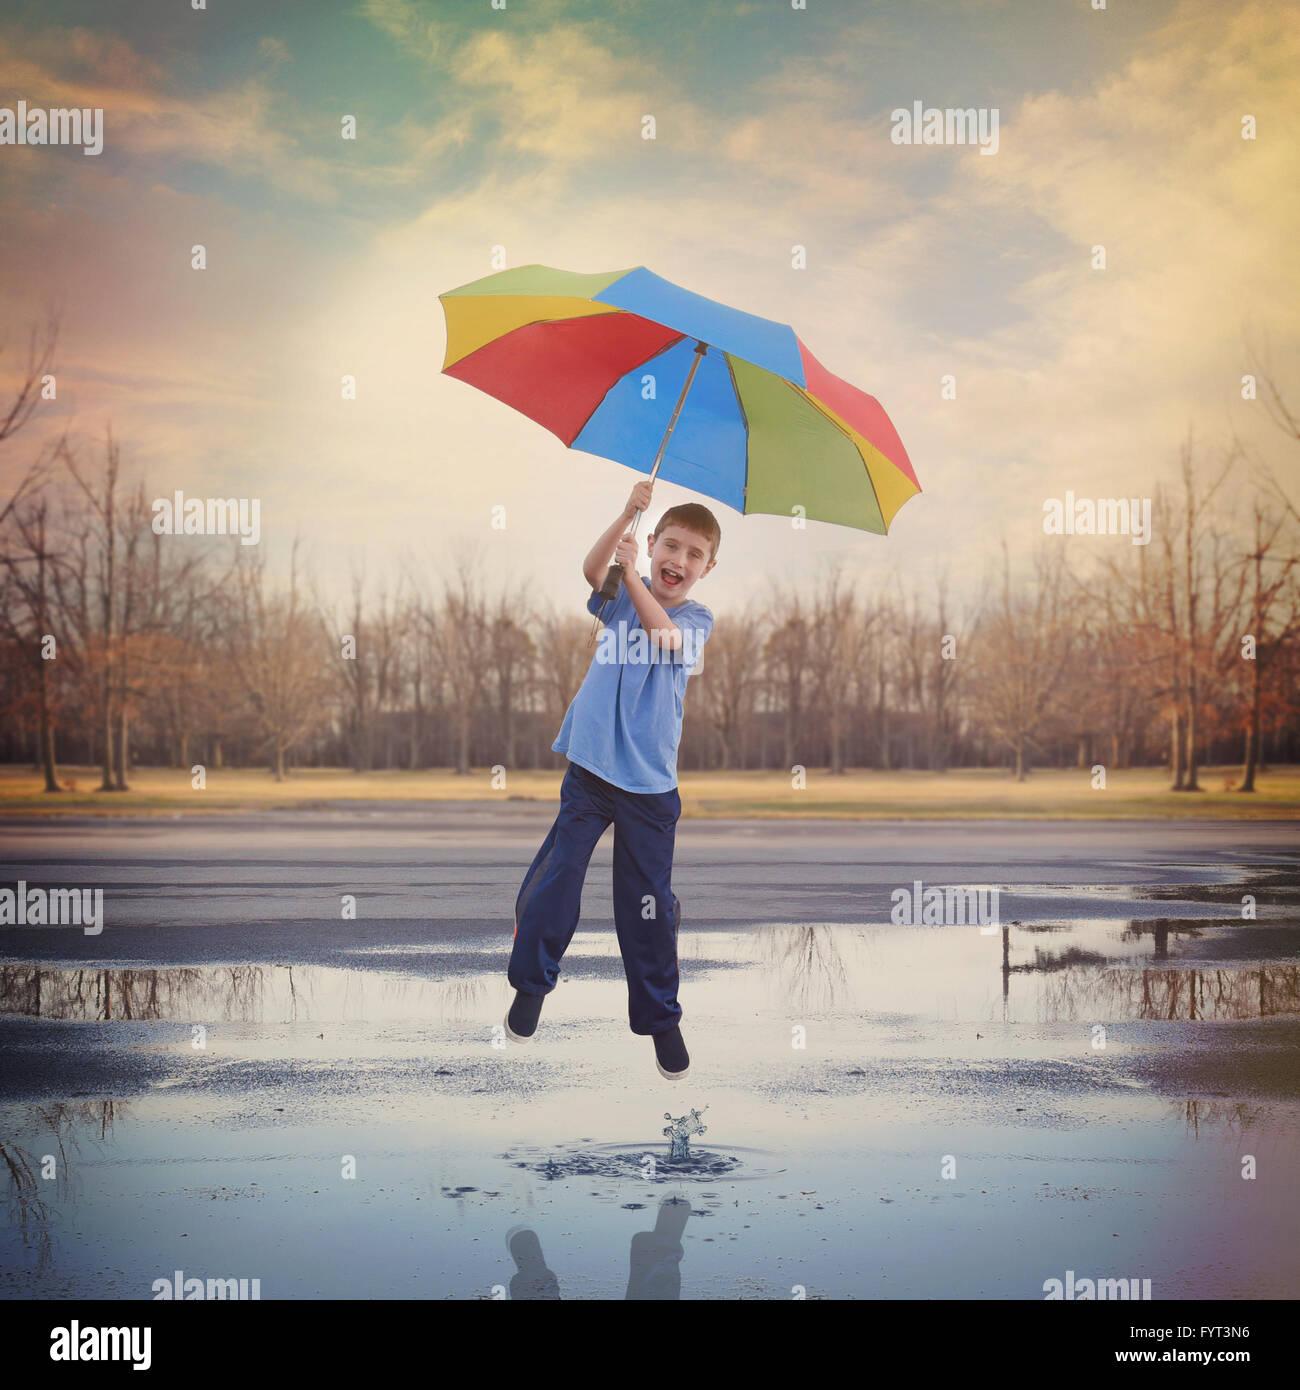 Um menino está saltando no ar até o céu com um arco-íris guarda-sol e uma poça de chuva Imagens de Stock